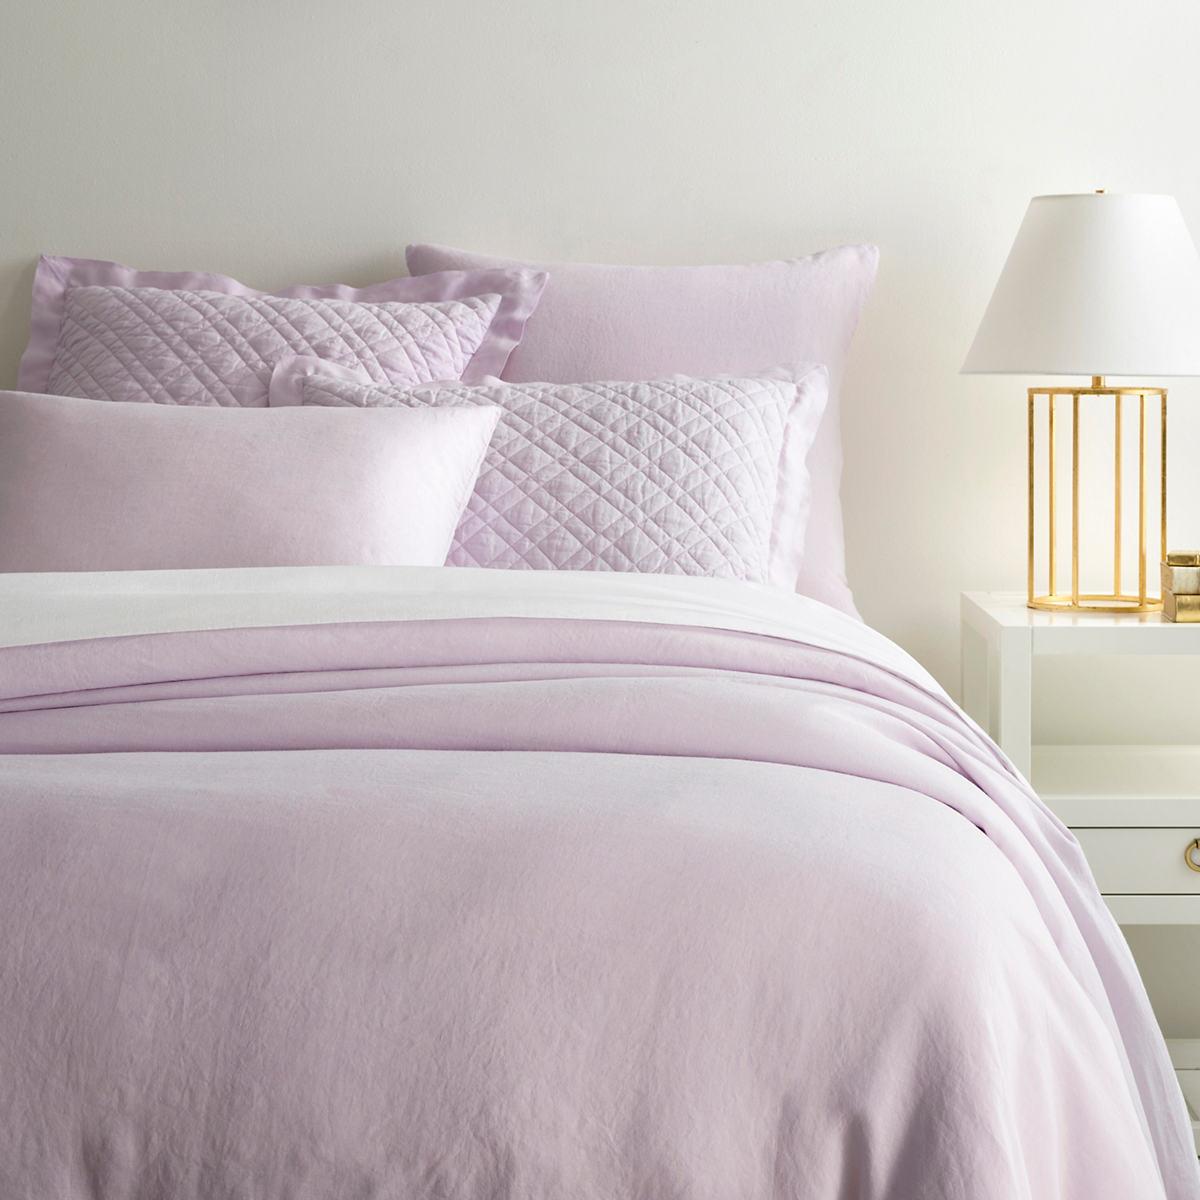 Lush Linen Pale Lilac Duvet Cover